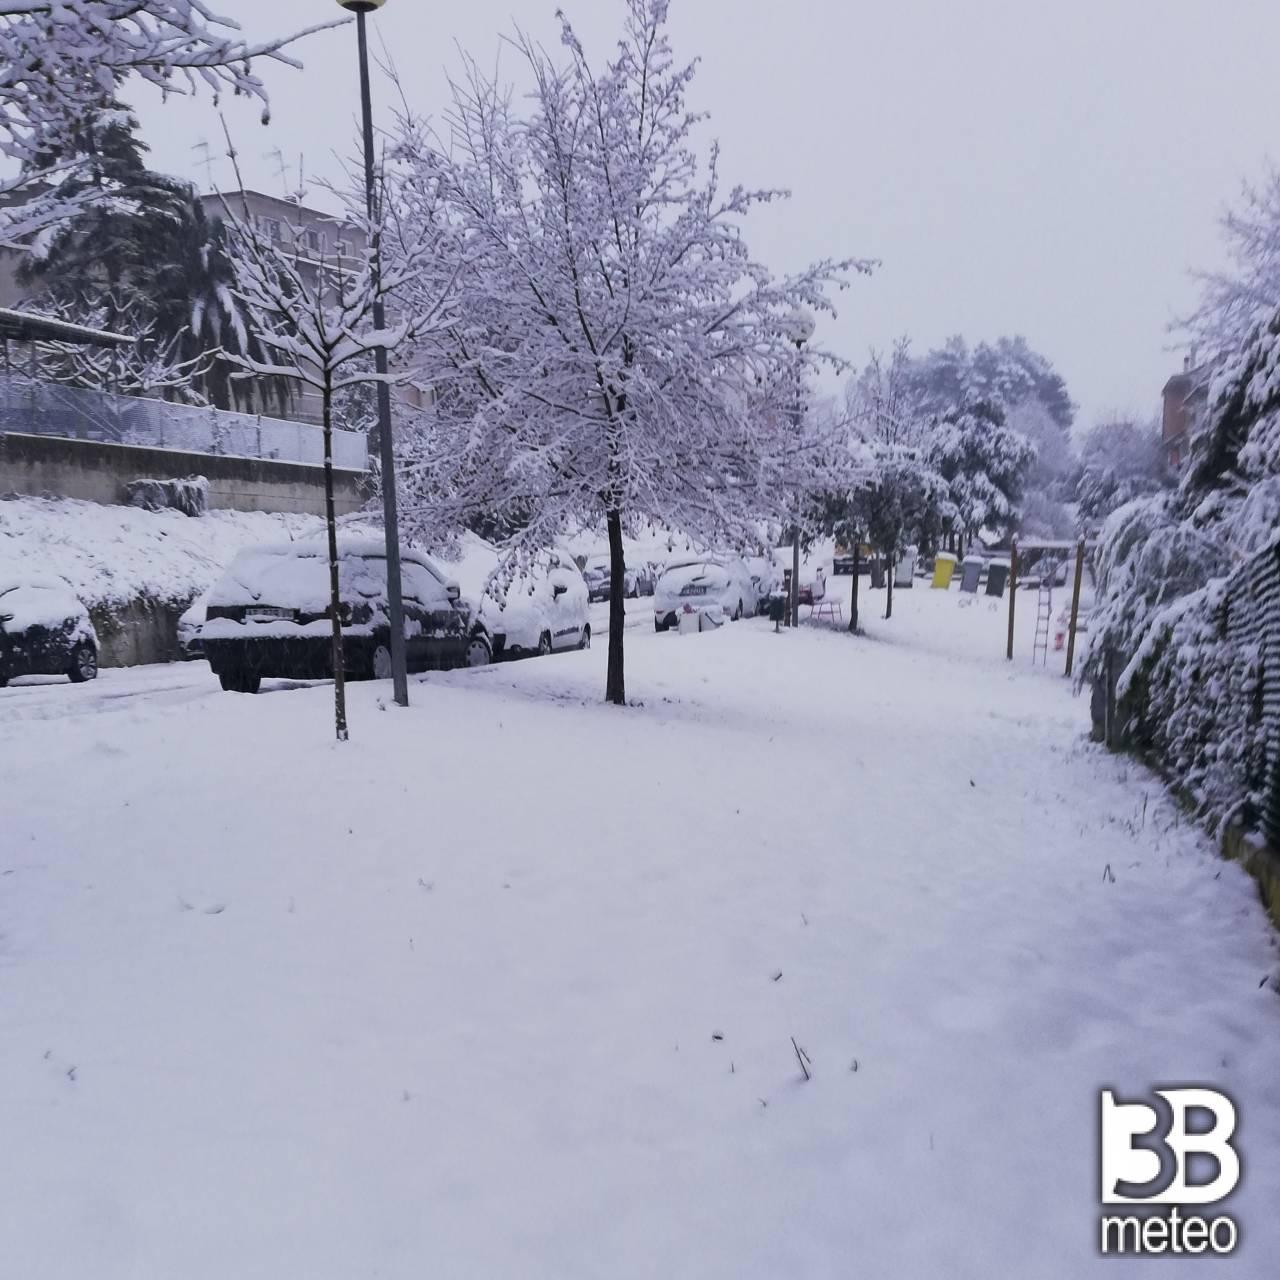 Neve a san marcello 13.02.21